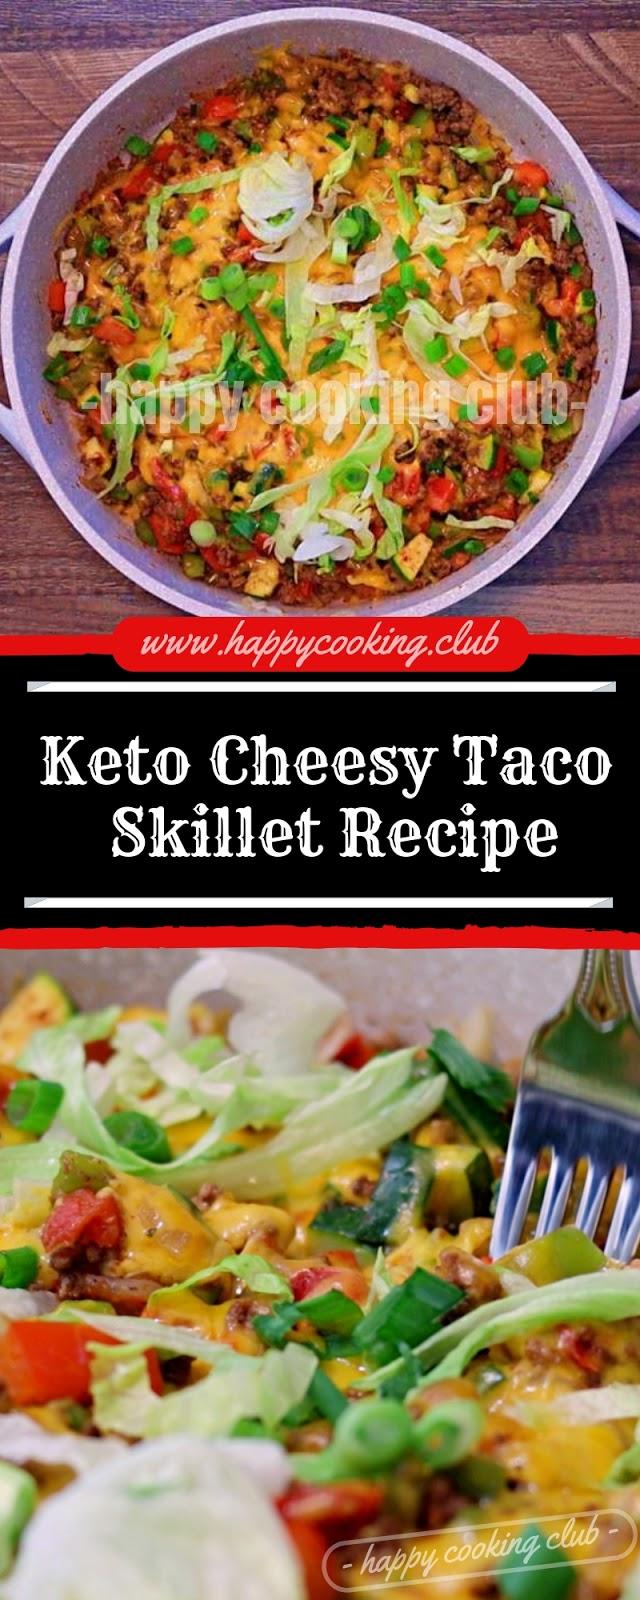 Keto Cheesy Taco Skillet Recipe